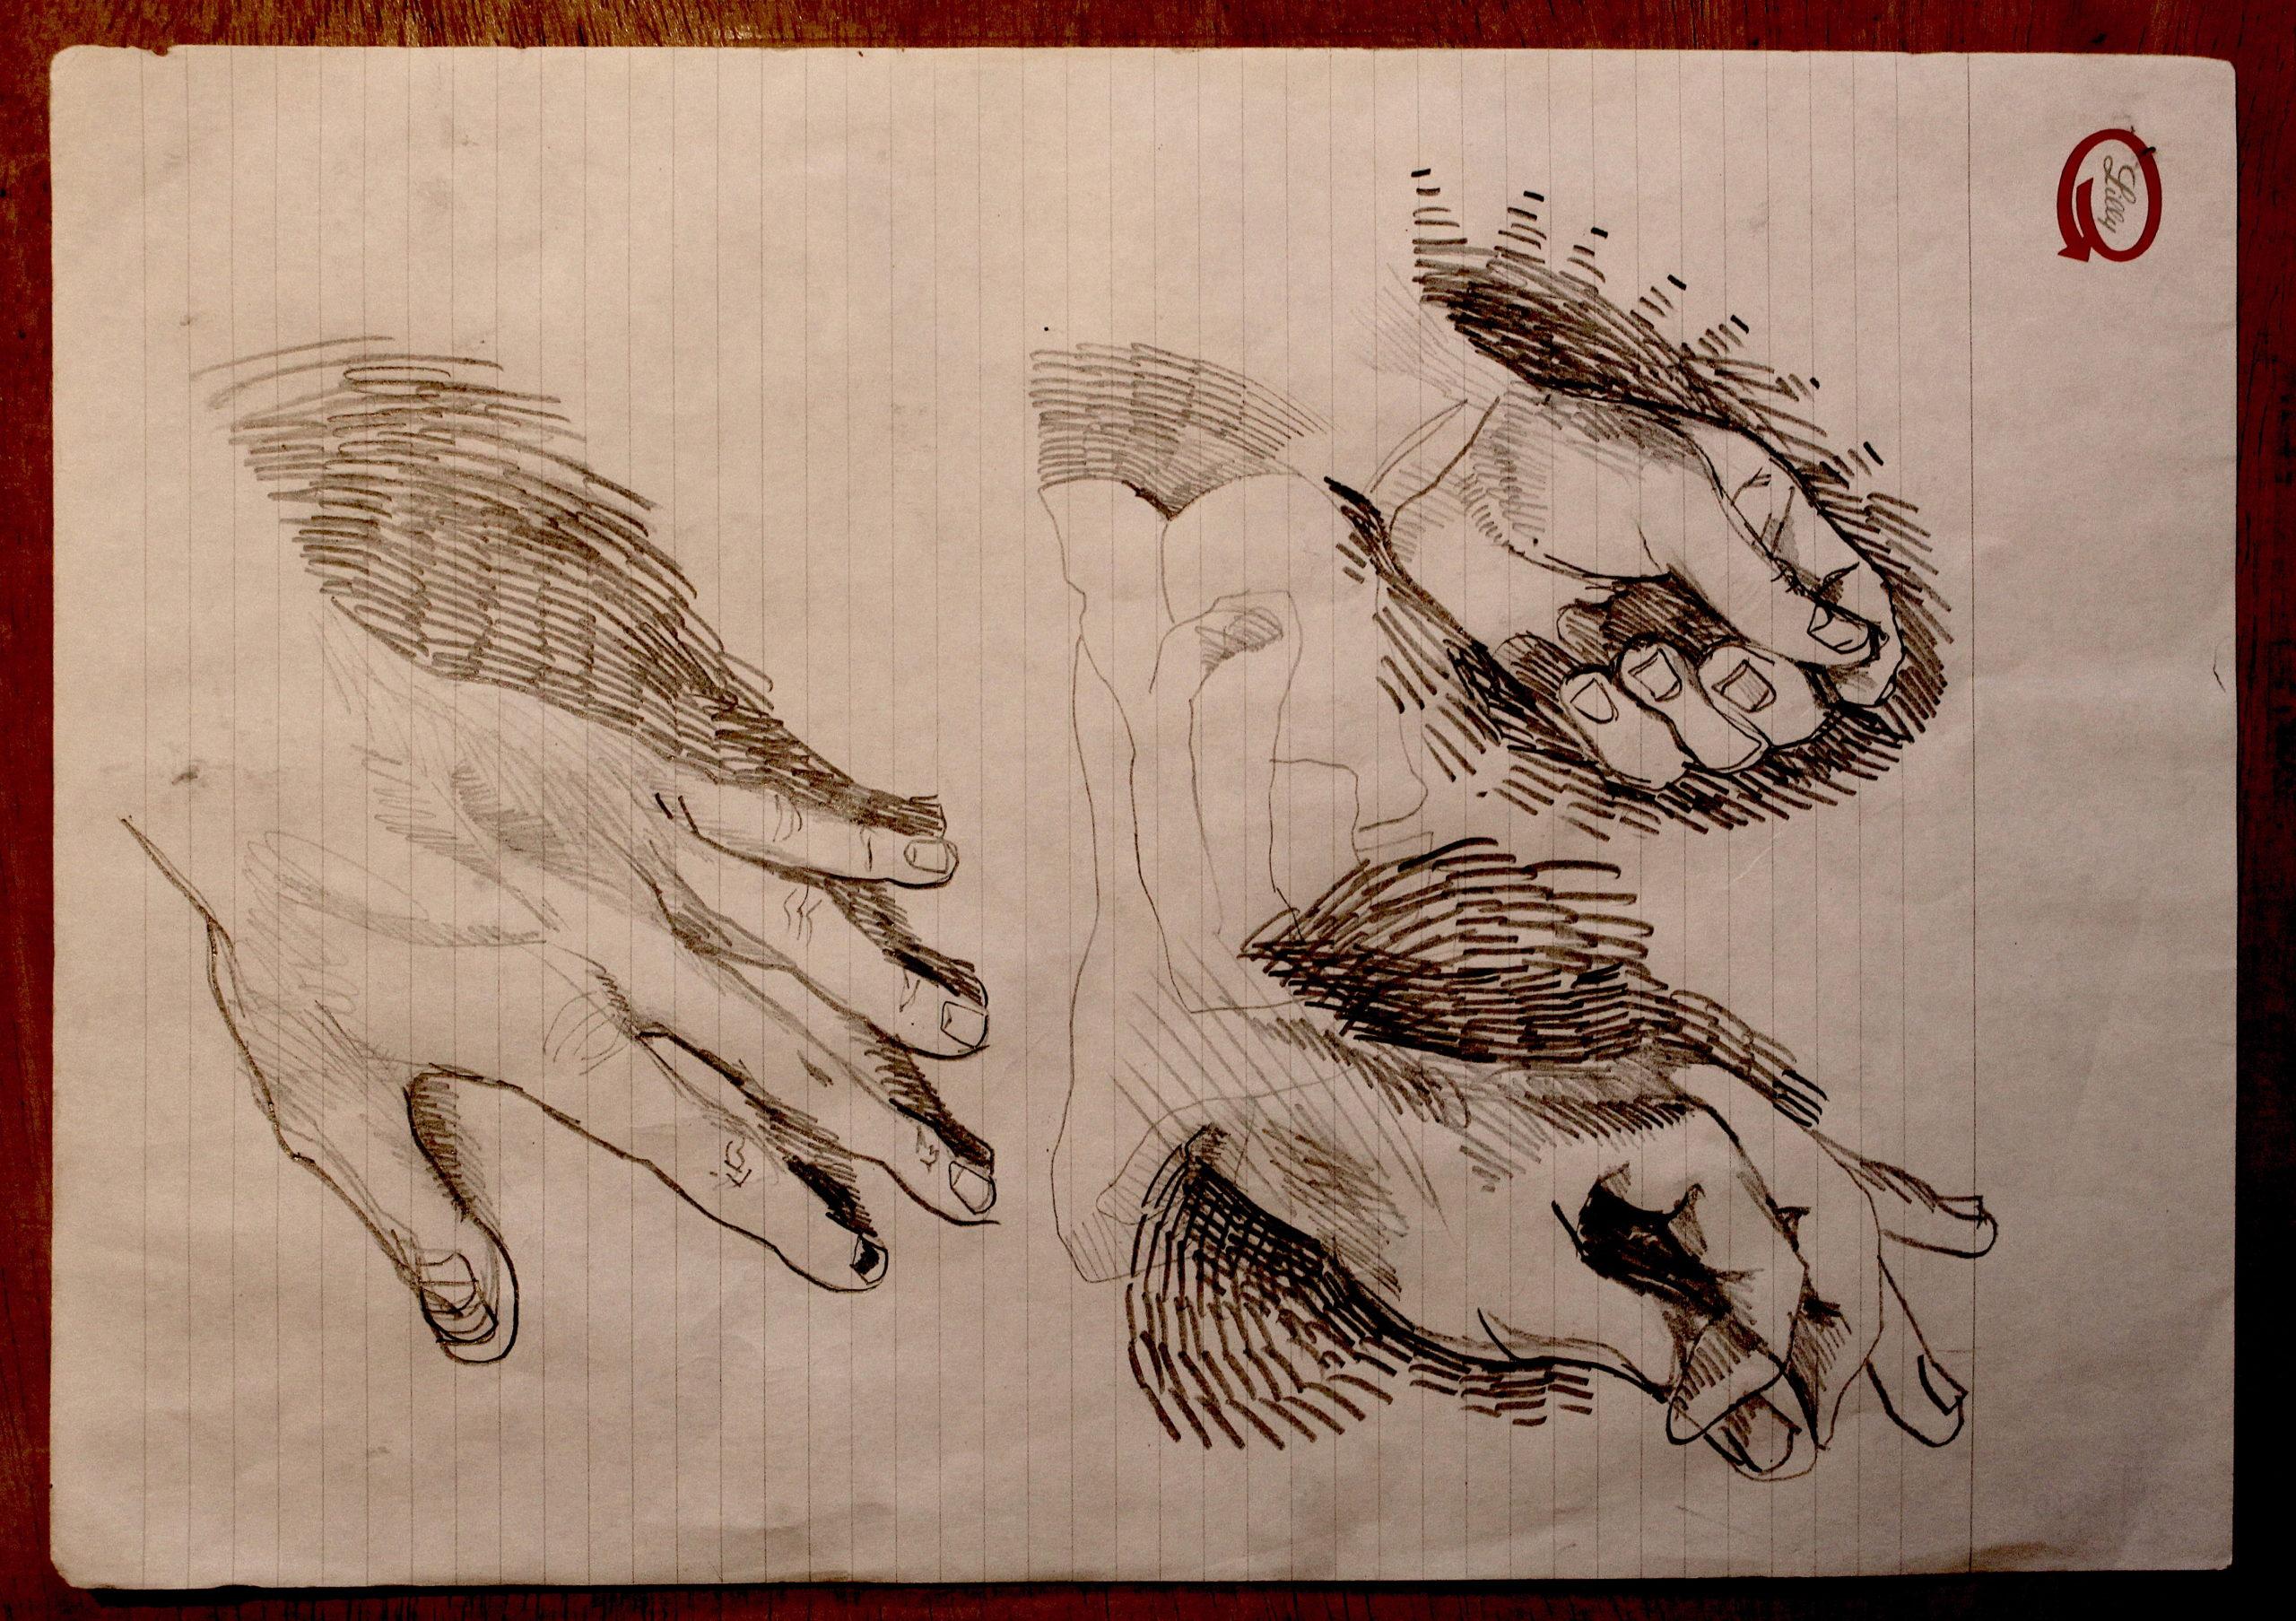 sketch studio 2 Bacco Artolini artist Ravenna